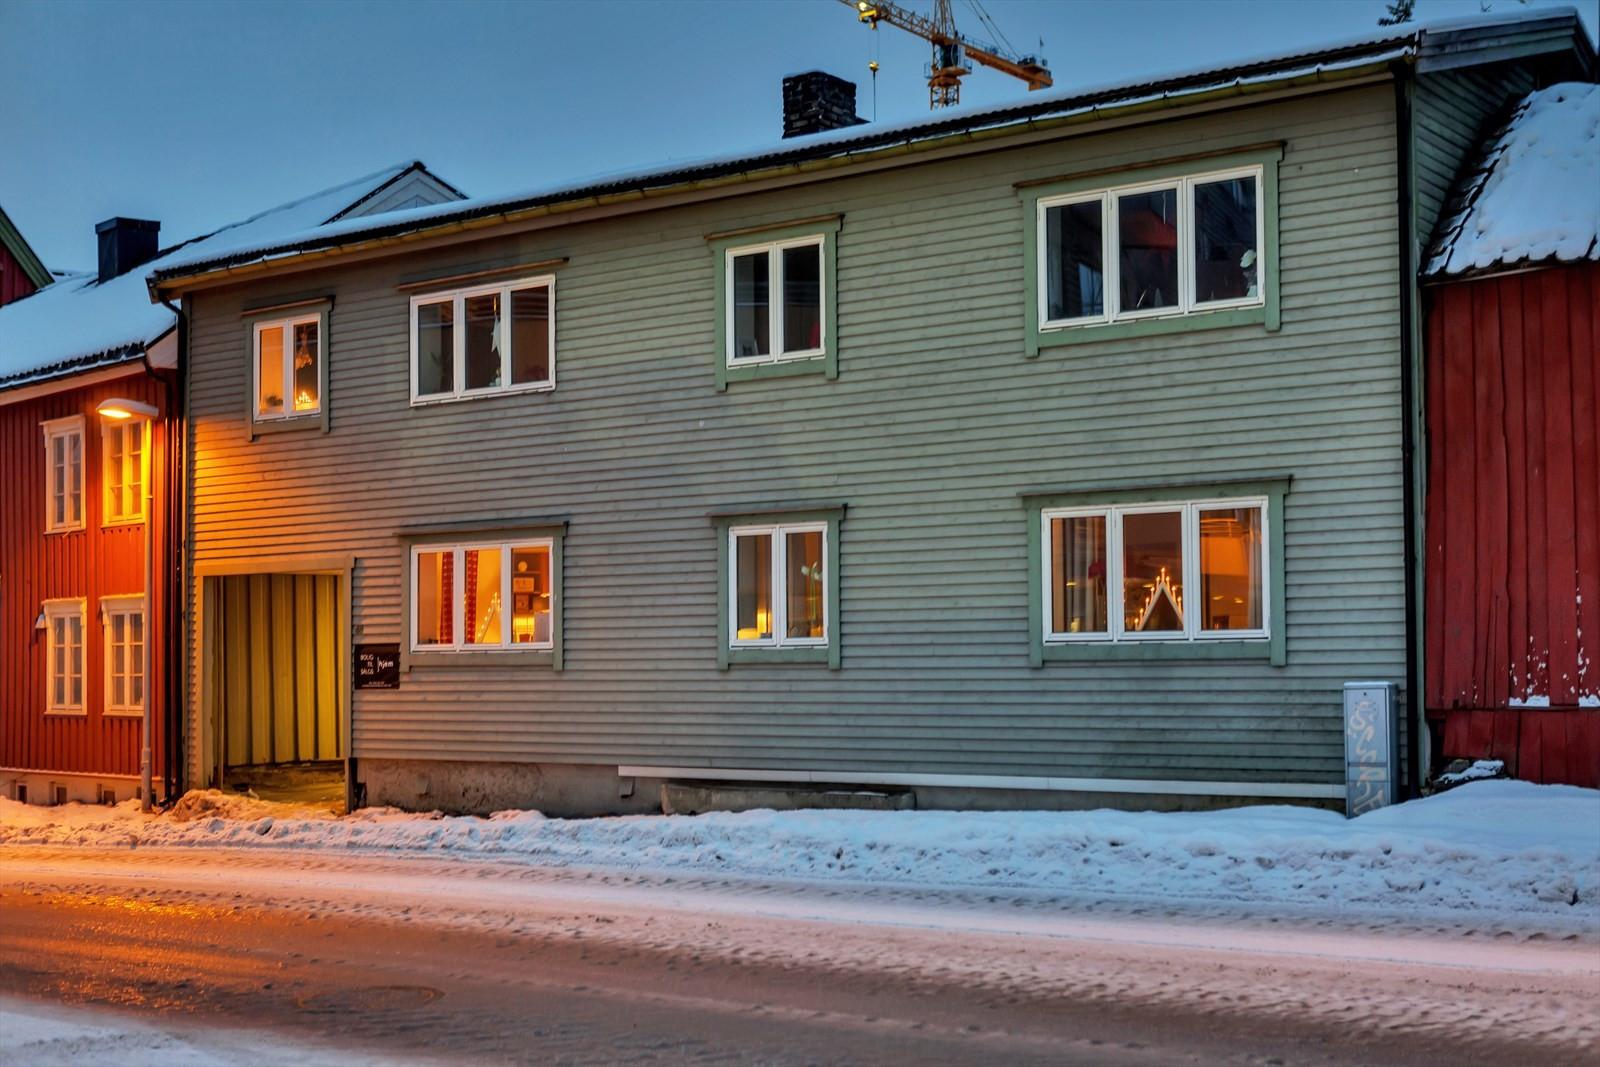 Bygget er en gammel Tromsø gård hvor det for mange år siden var butikk